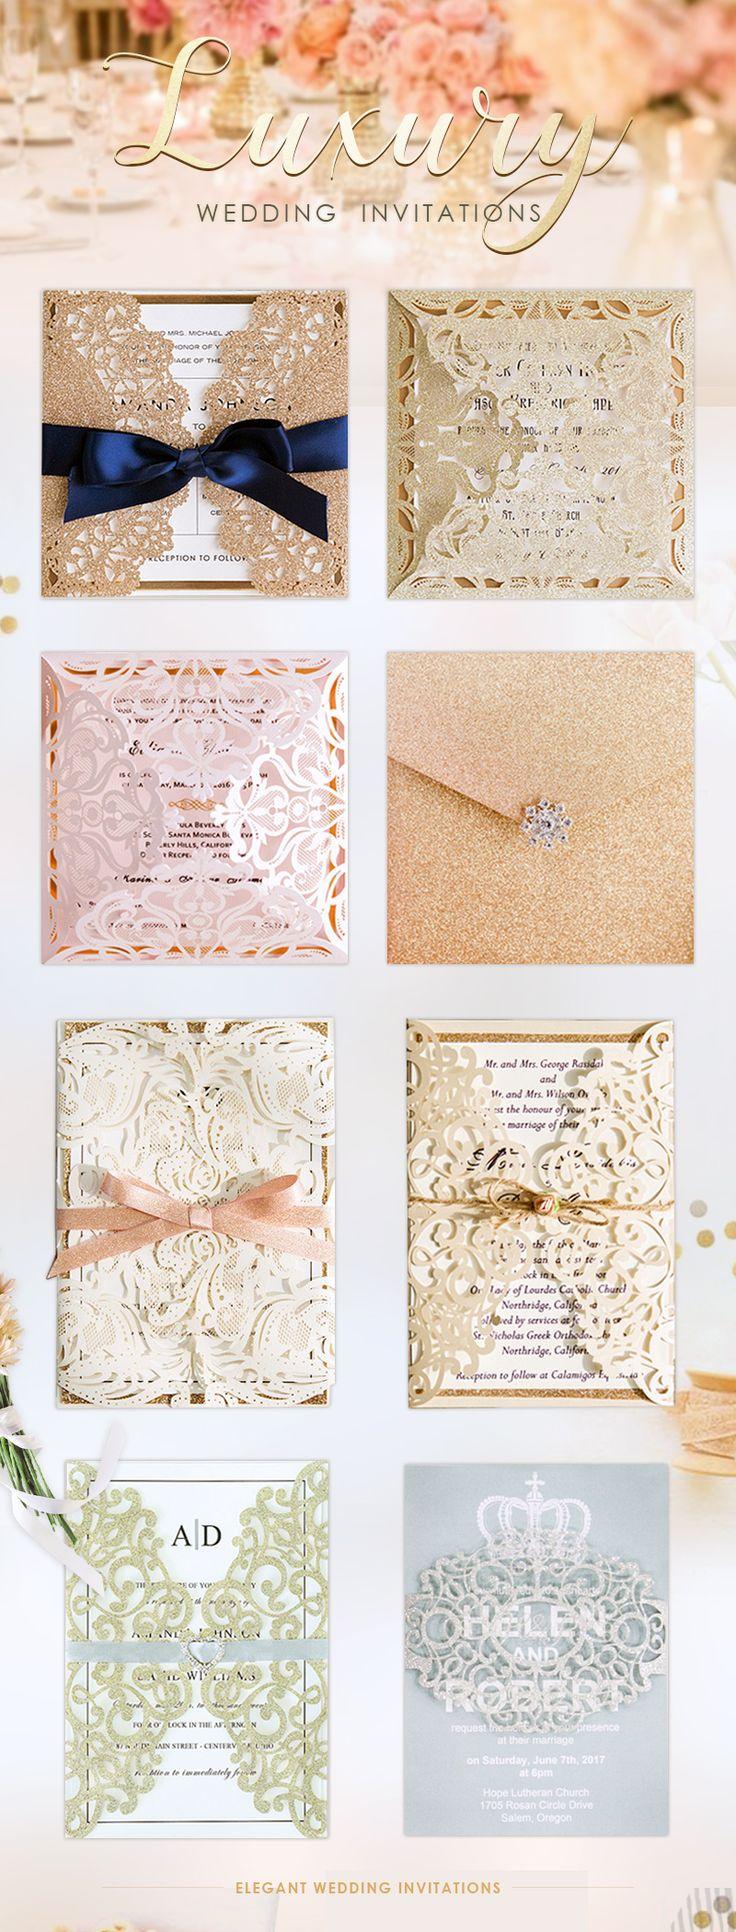 Find Custom Luxury Wedding Invitations at ElegantWeddingInvites